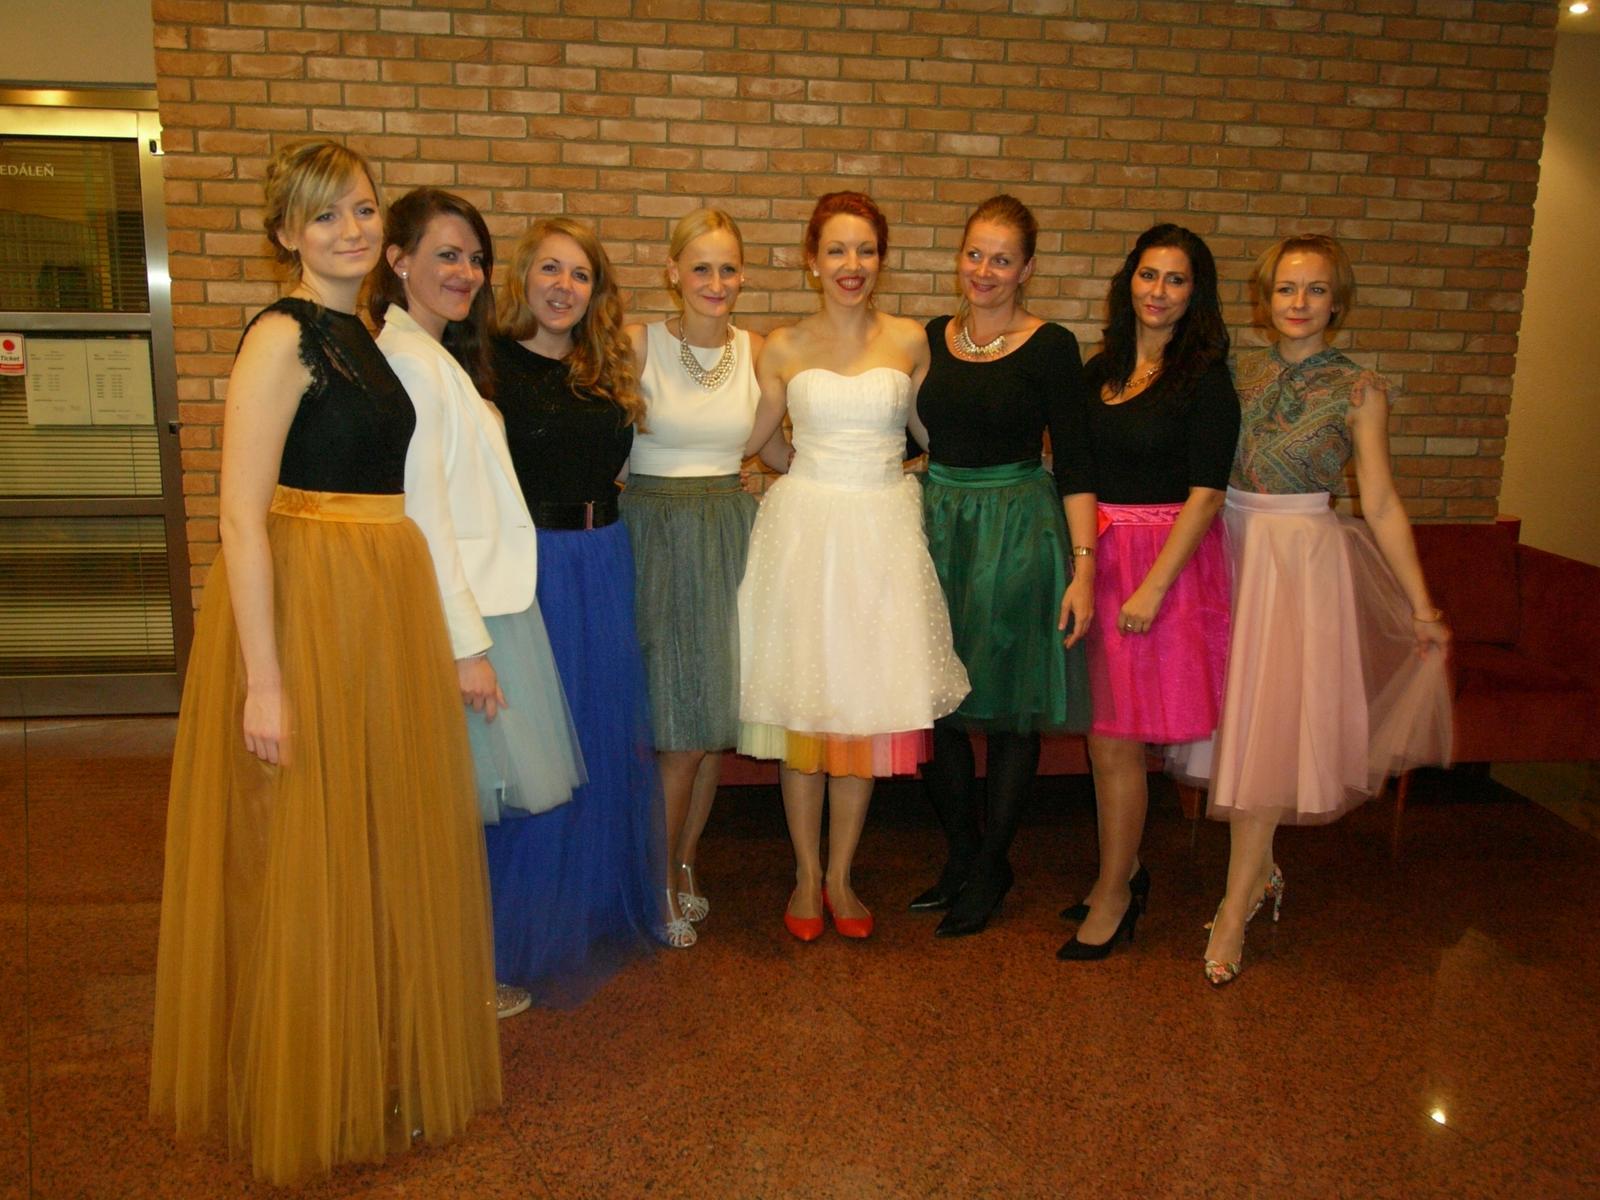 peter_a_lucia - Krátke svadobné šaty s 14-farebnou spodnicou, tylové Lo-OK sukne pre družičky